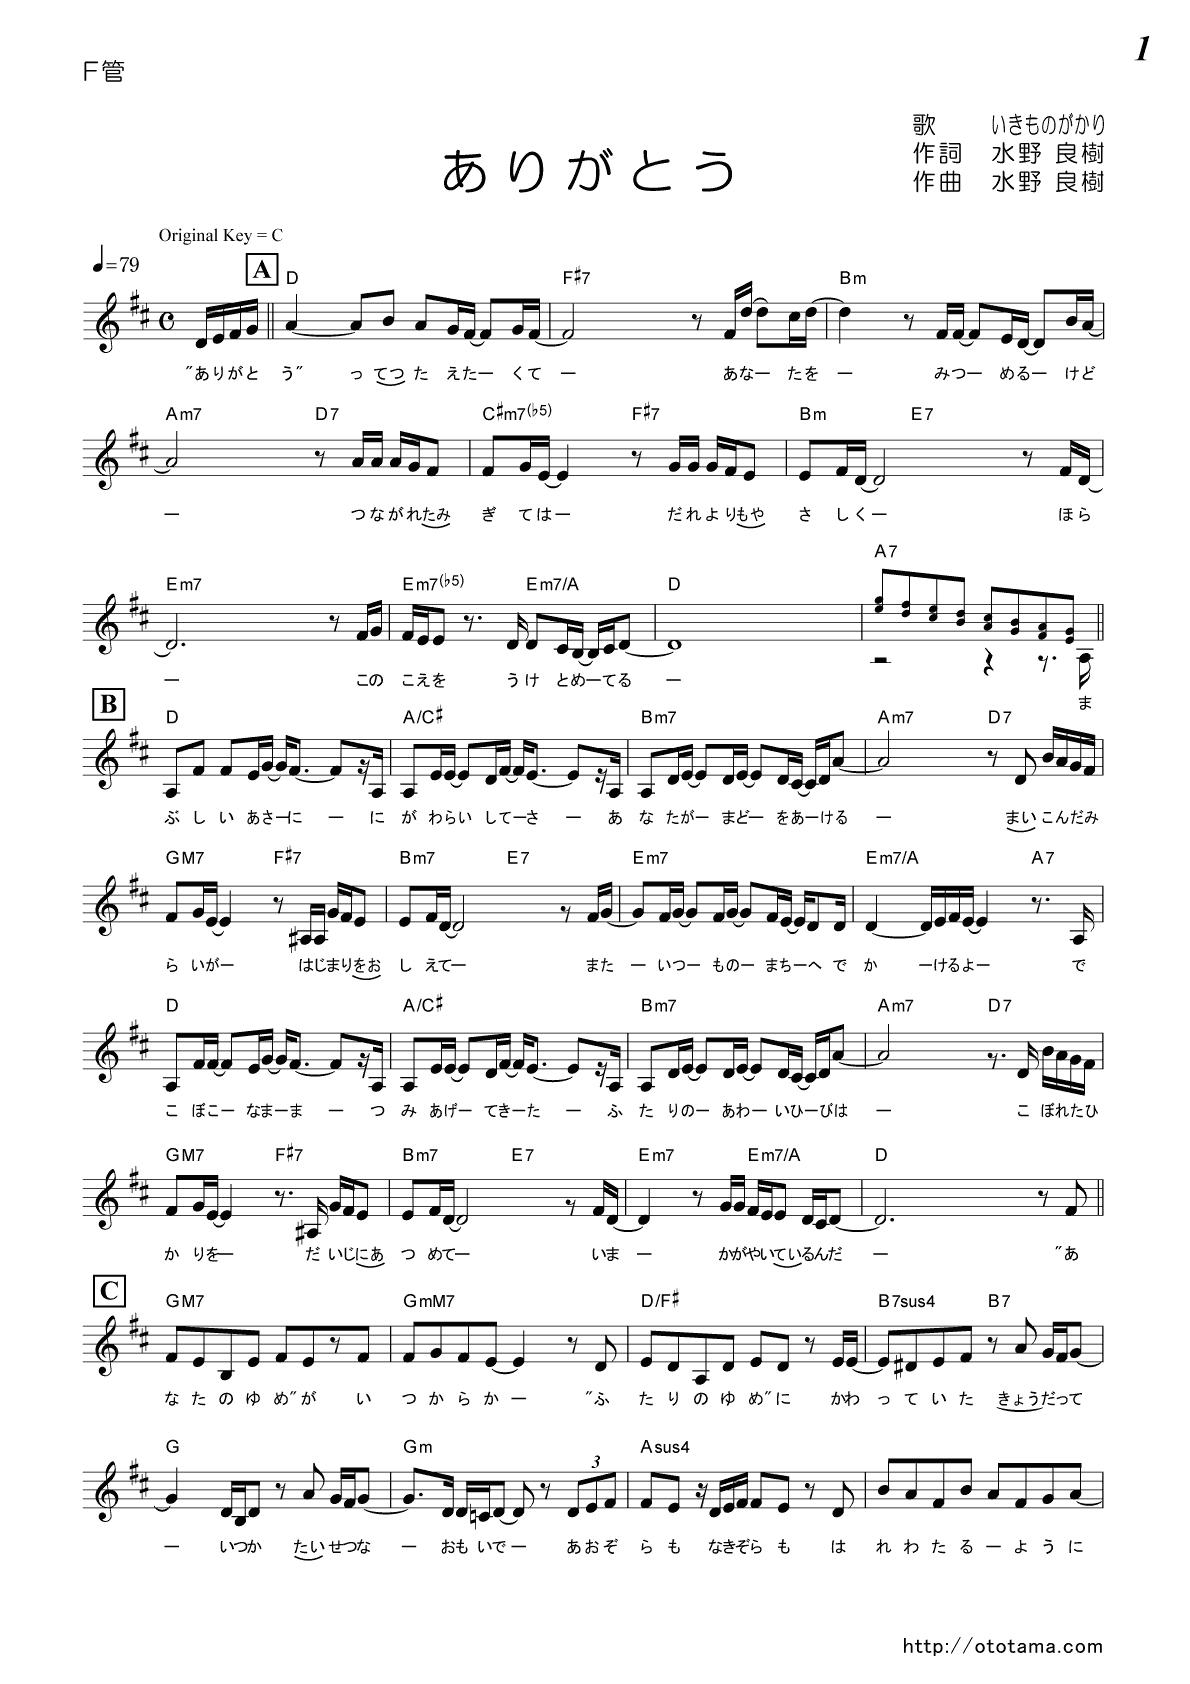 遠い 日 の 歌 楽譜 ダウンロード